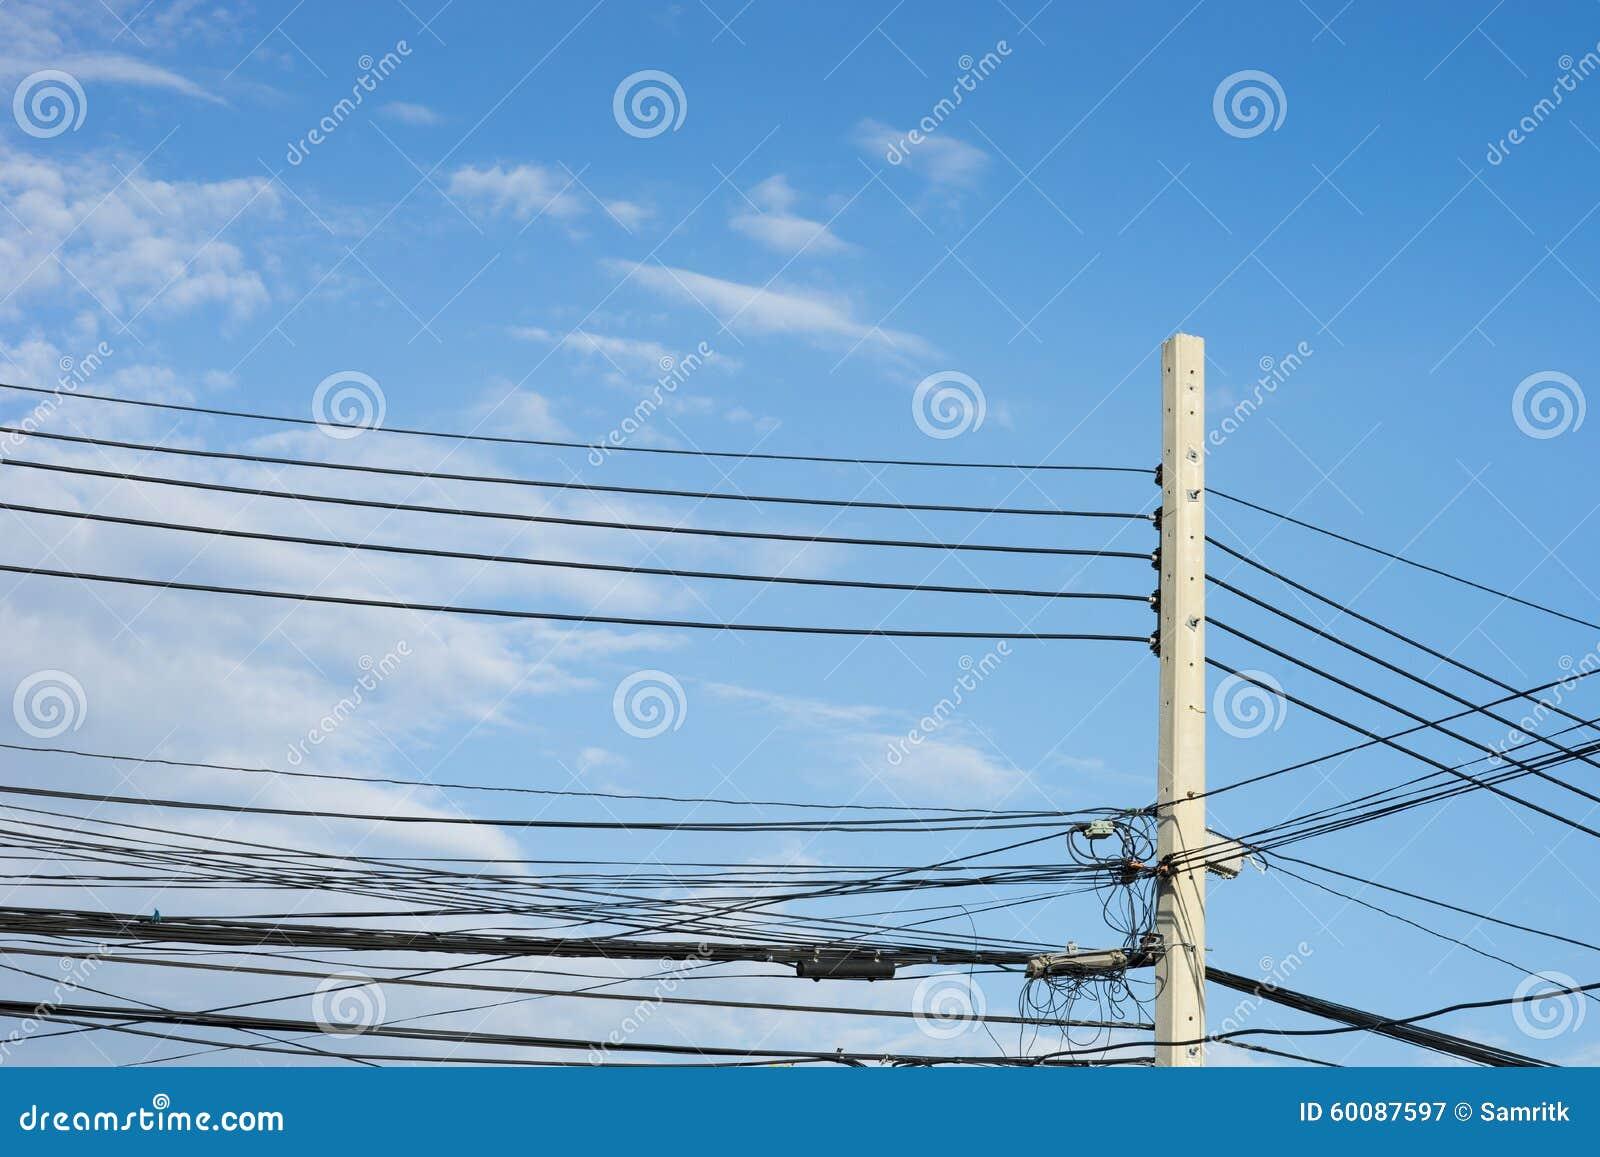 Nett Elektrische Drähte Ideen - Elektrische Schaltplan-Ideen ...